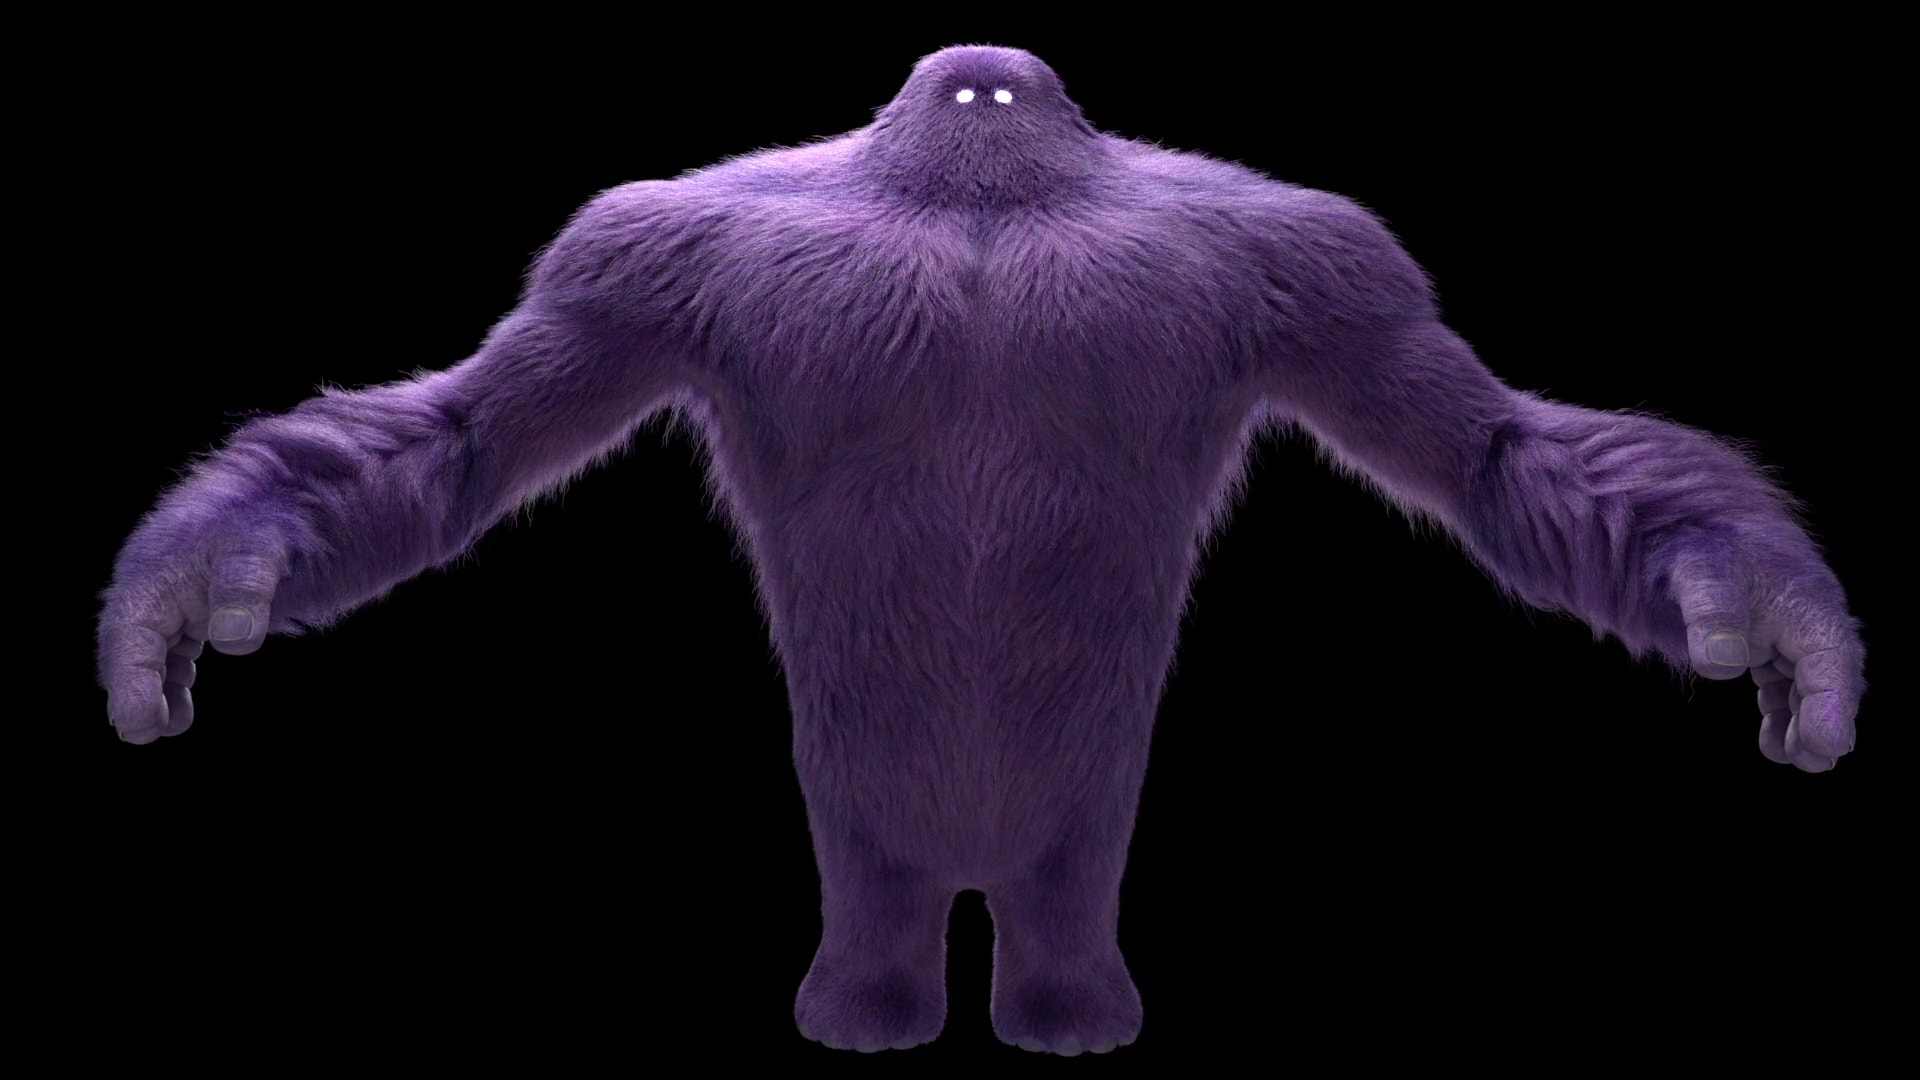 Monster in CGI